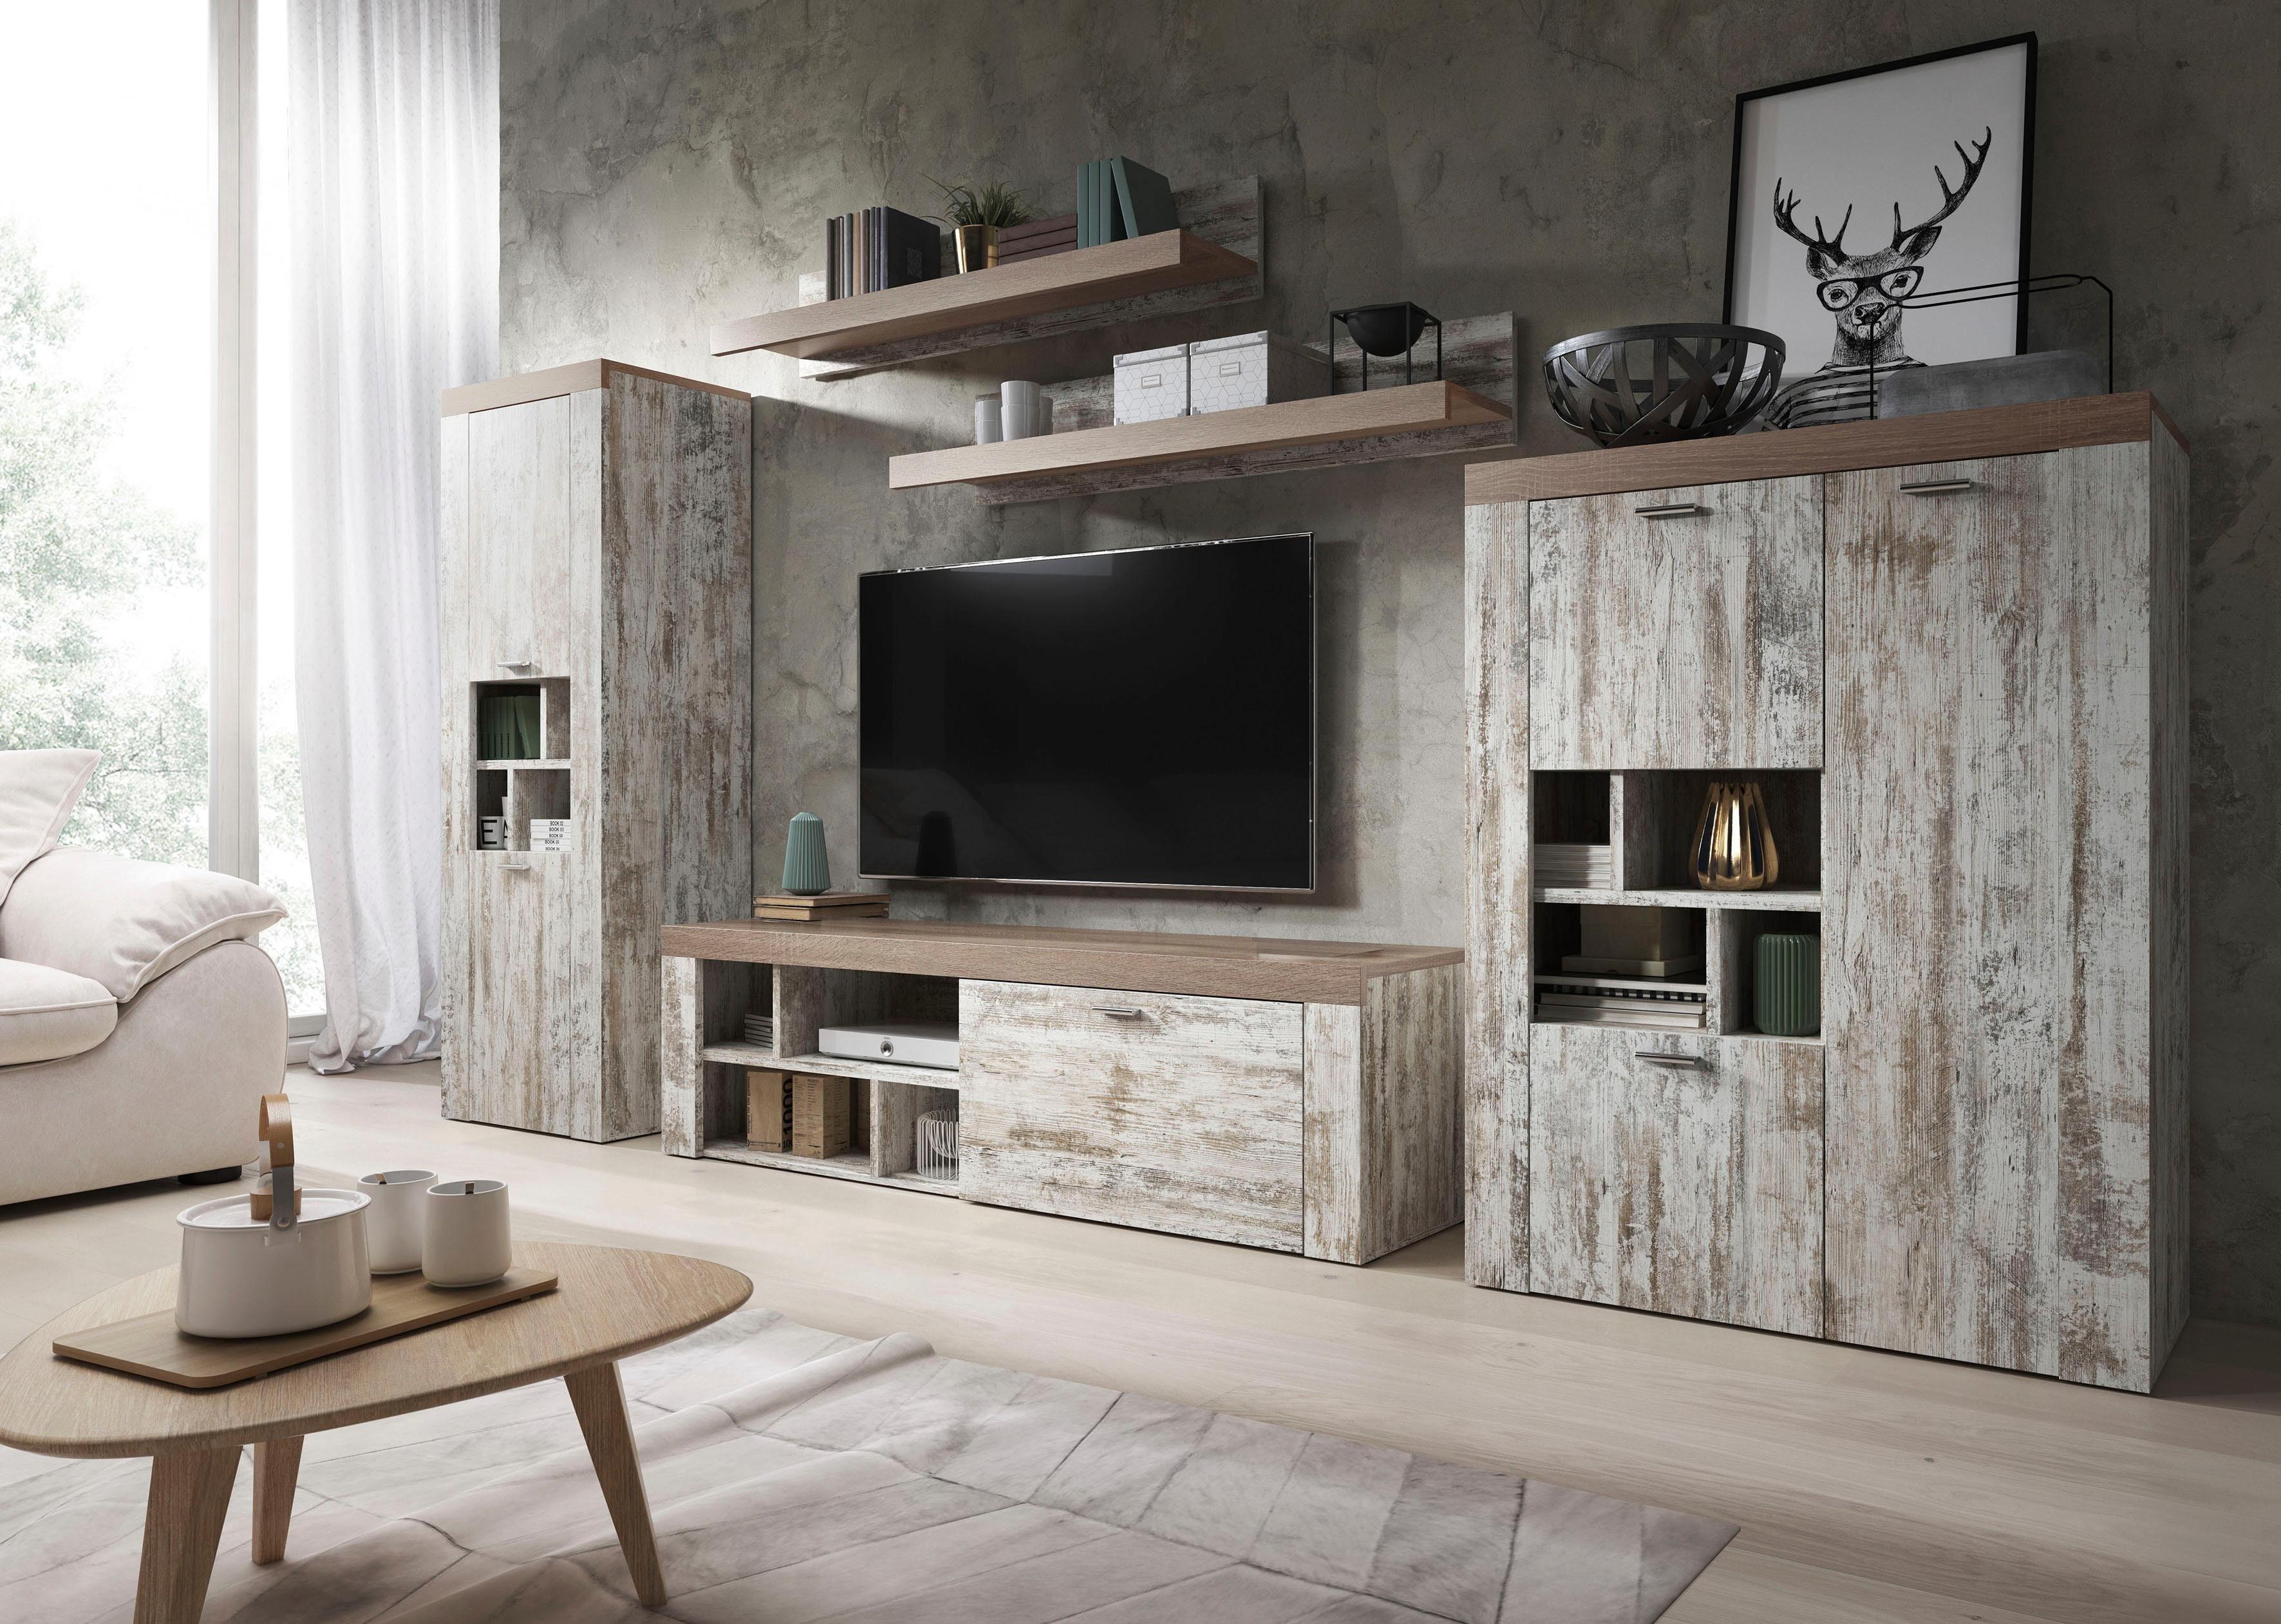 Tv Meubel Afbeeldingen : Tv meubel online kopen ruim tv meubels otto